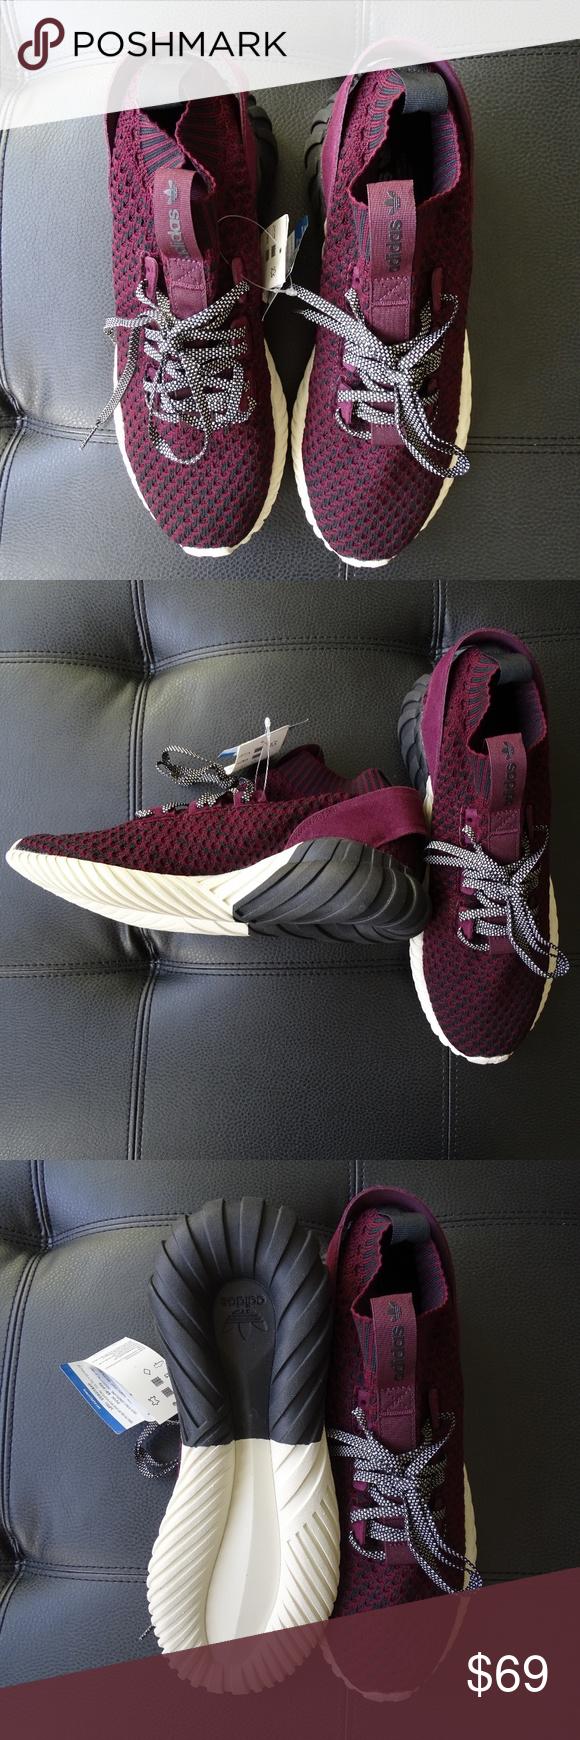 pretty nice 2a493 b4e4f Mens Adidas Original CQ0944 Tubular Doom Sock Shoe Men s Adidas Originals CQ0944  Tubular Doom Sock Shoes Primeknit Maroon Size  10.5 Color  Core ...